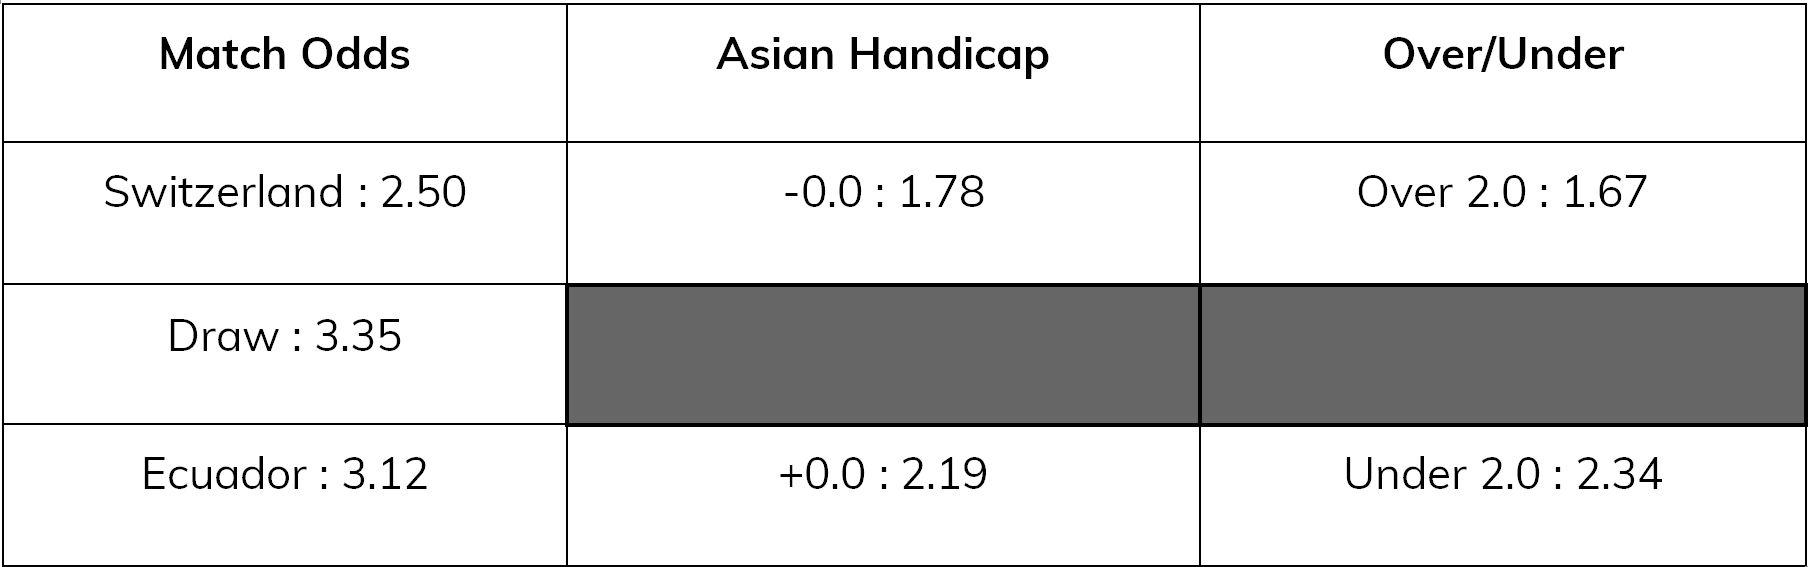 serbia-v-switzerland-asian-handicap-eastbridge7